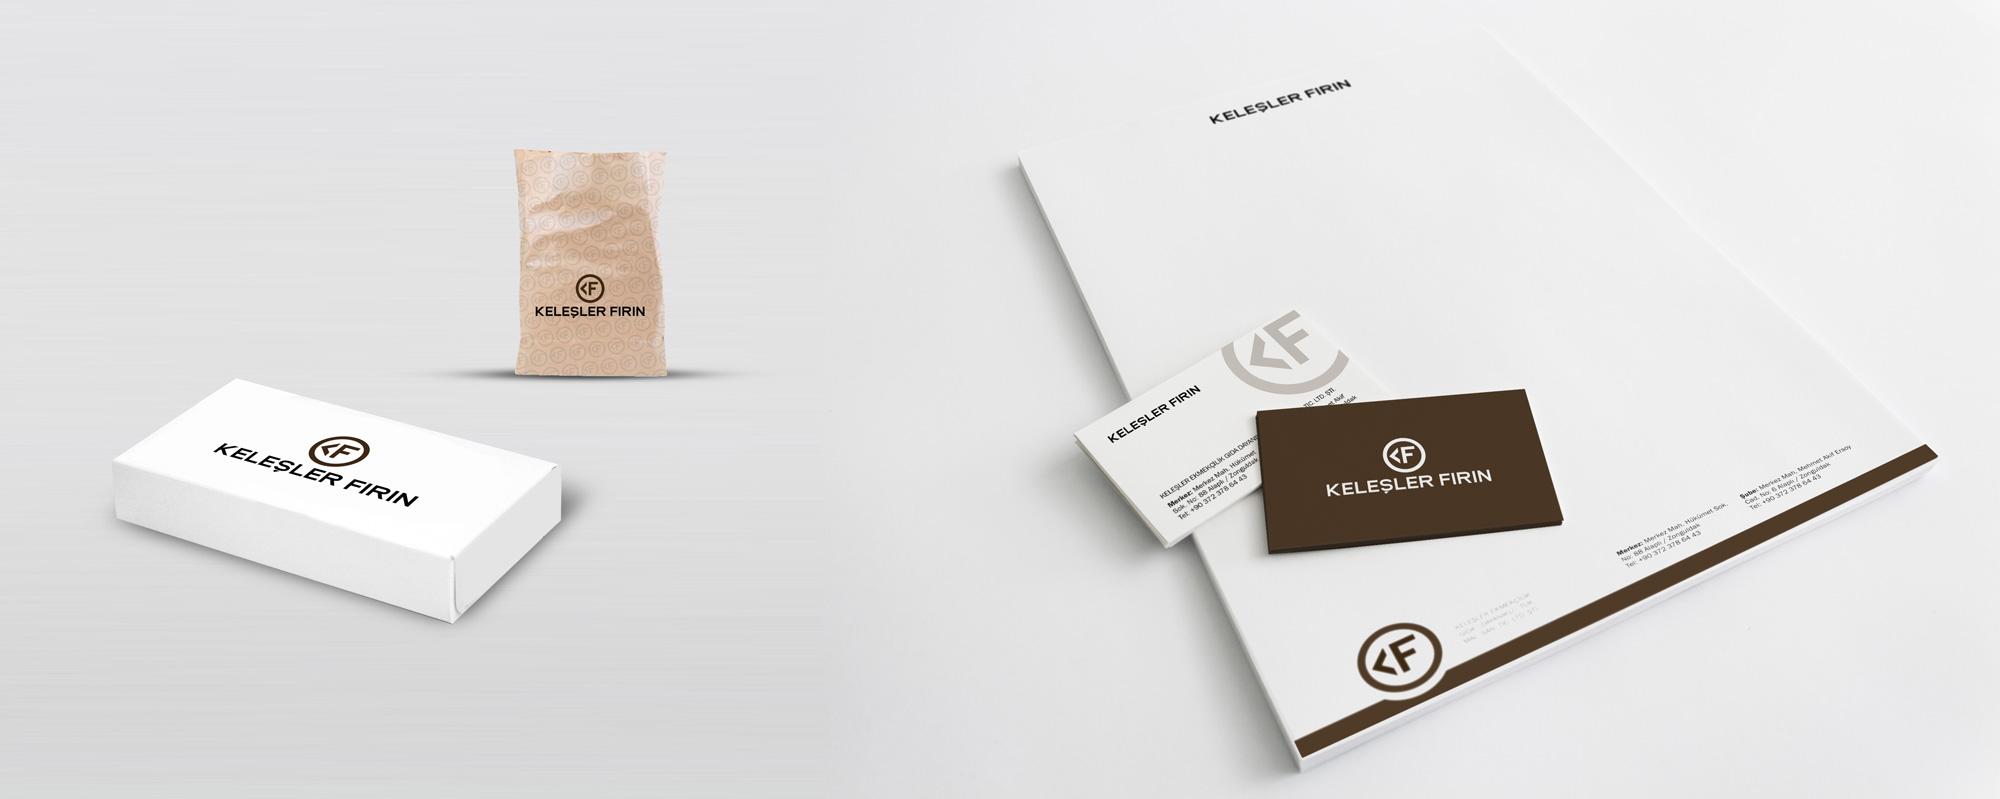 kelesler-firin-logo-tasarim-1